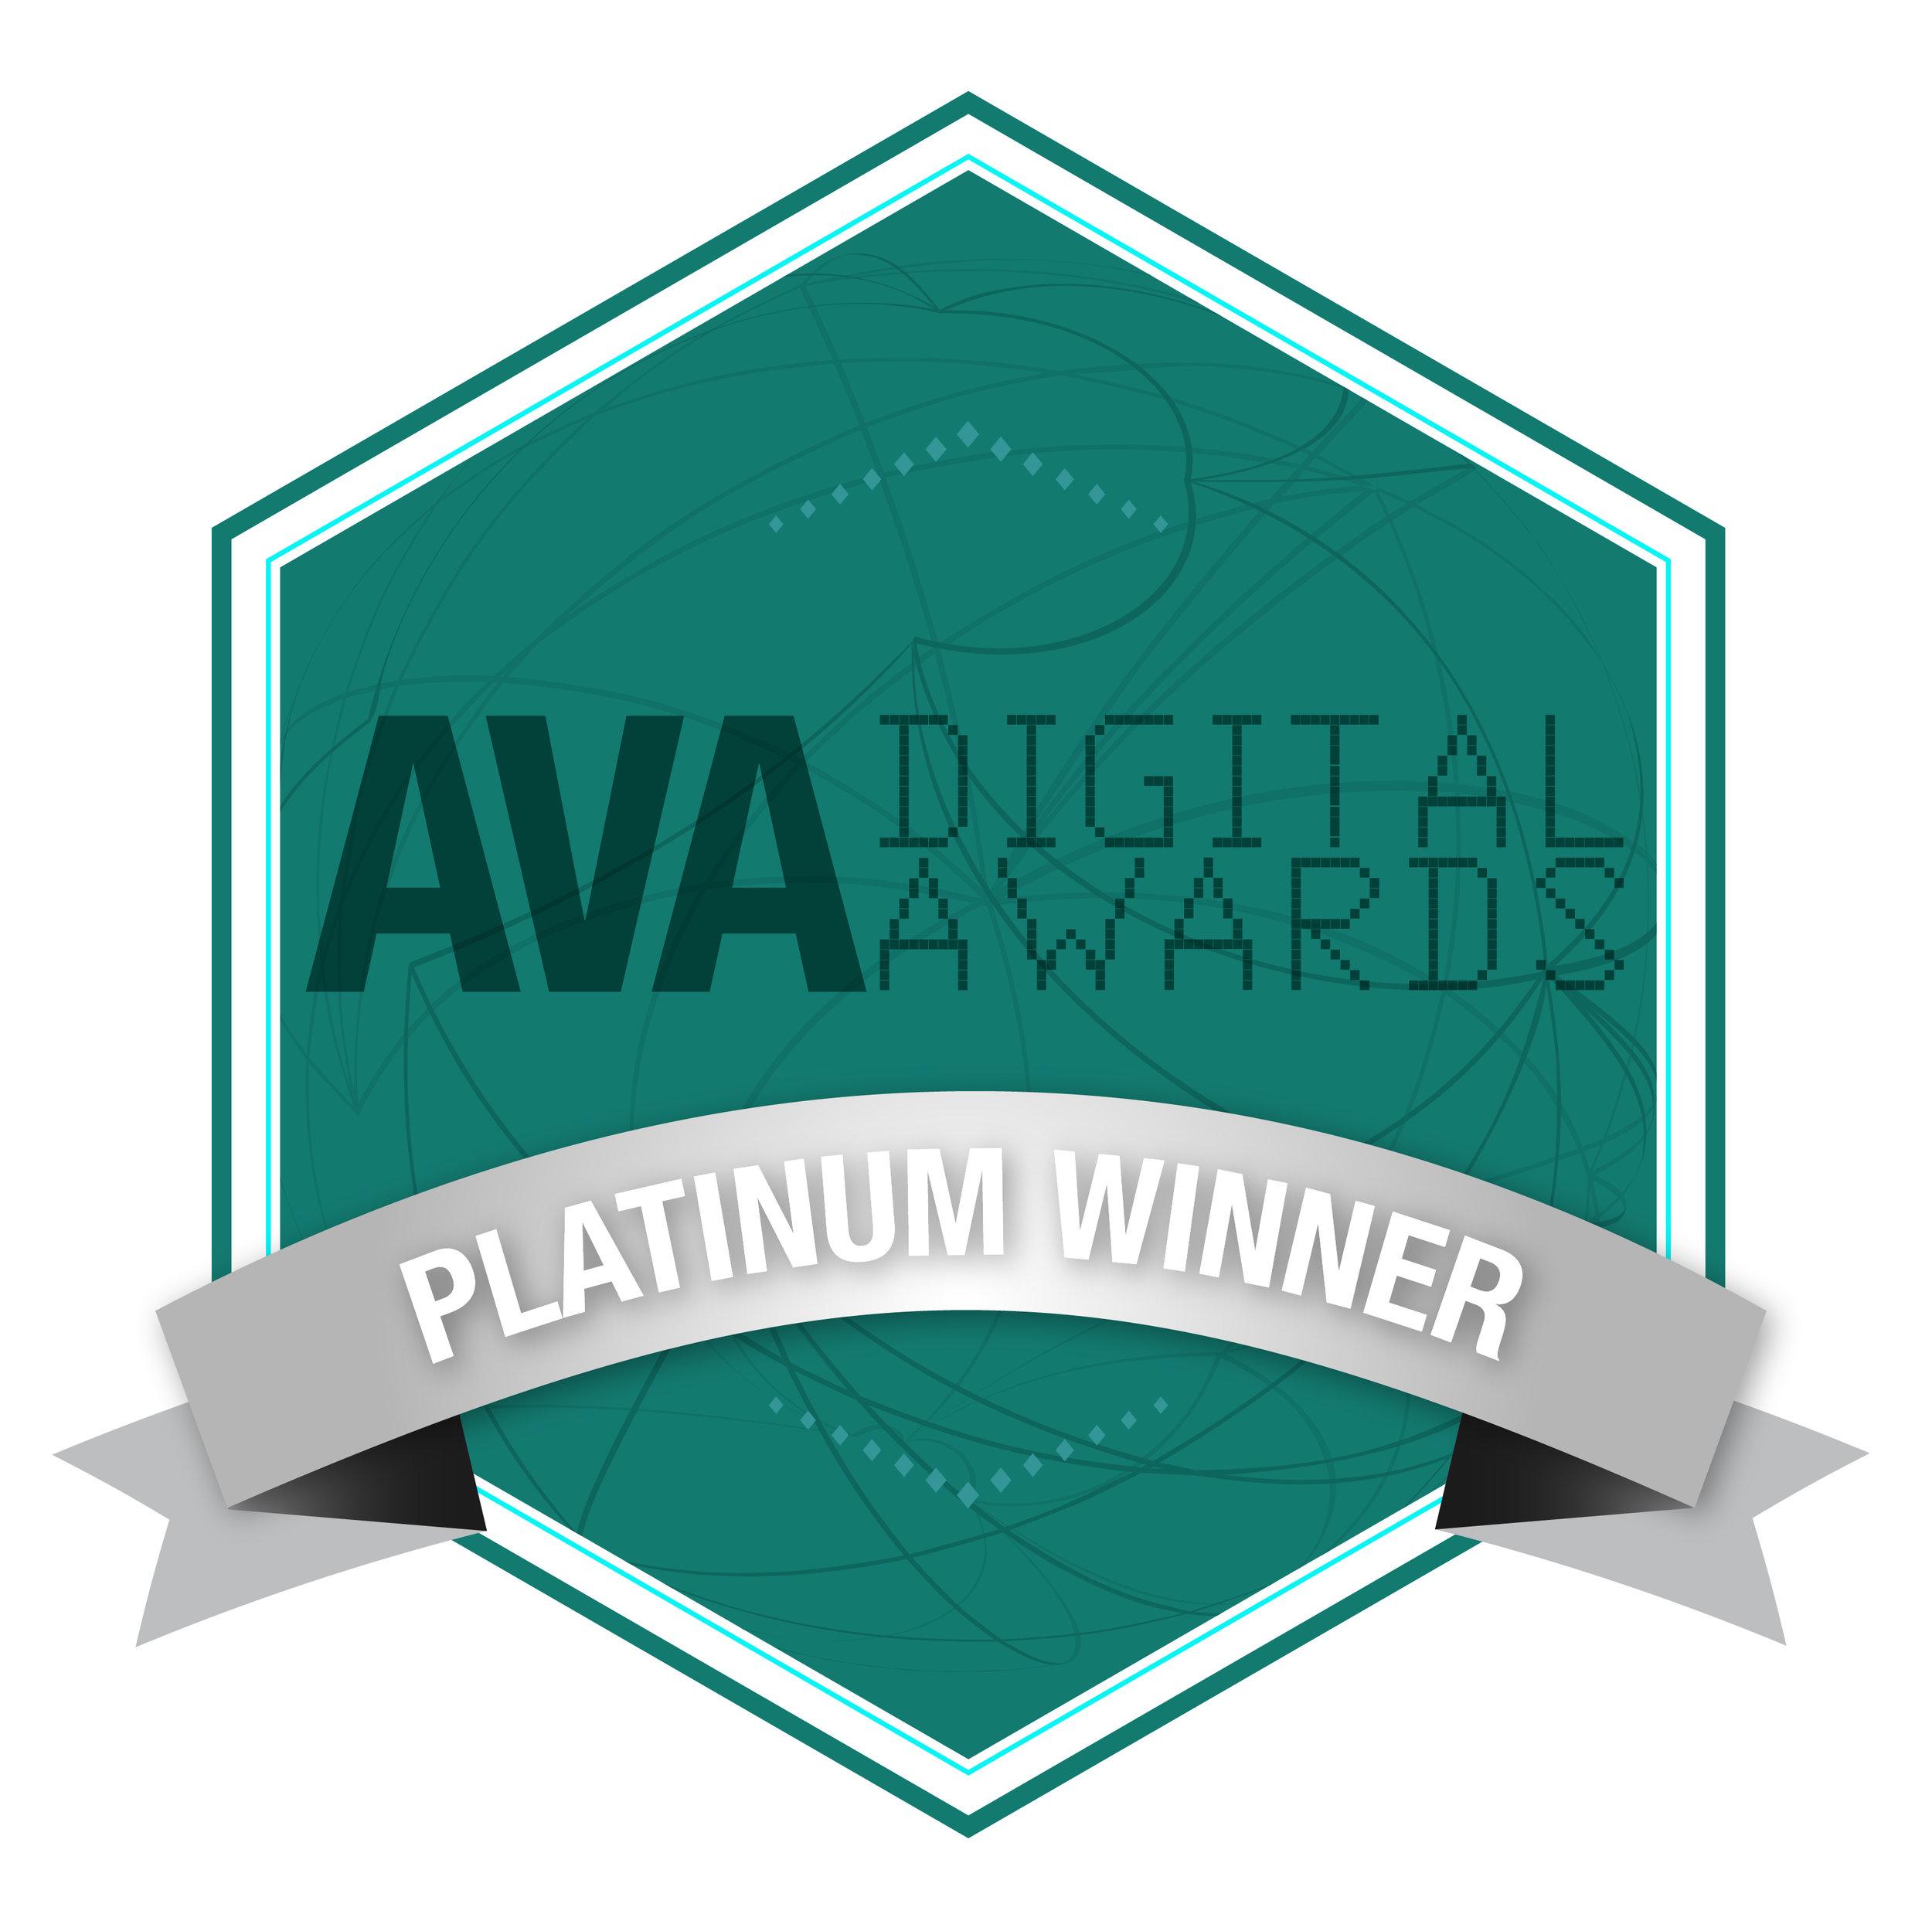 AVA Digital Brand Voice & Strategic Storytelling Award